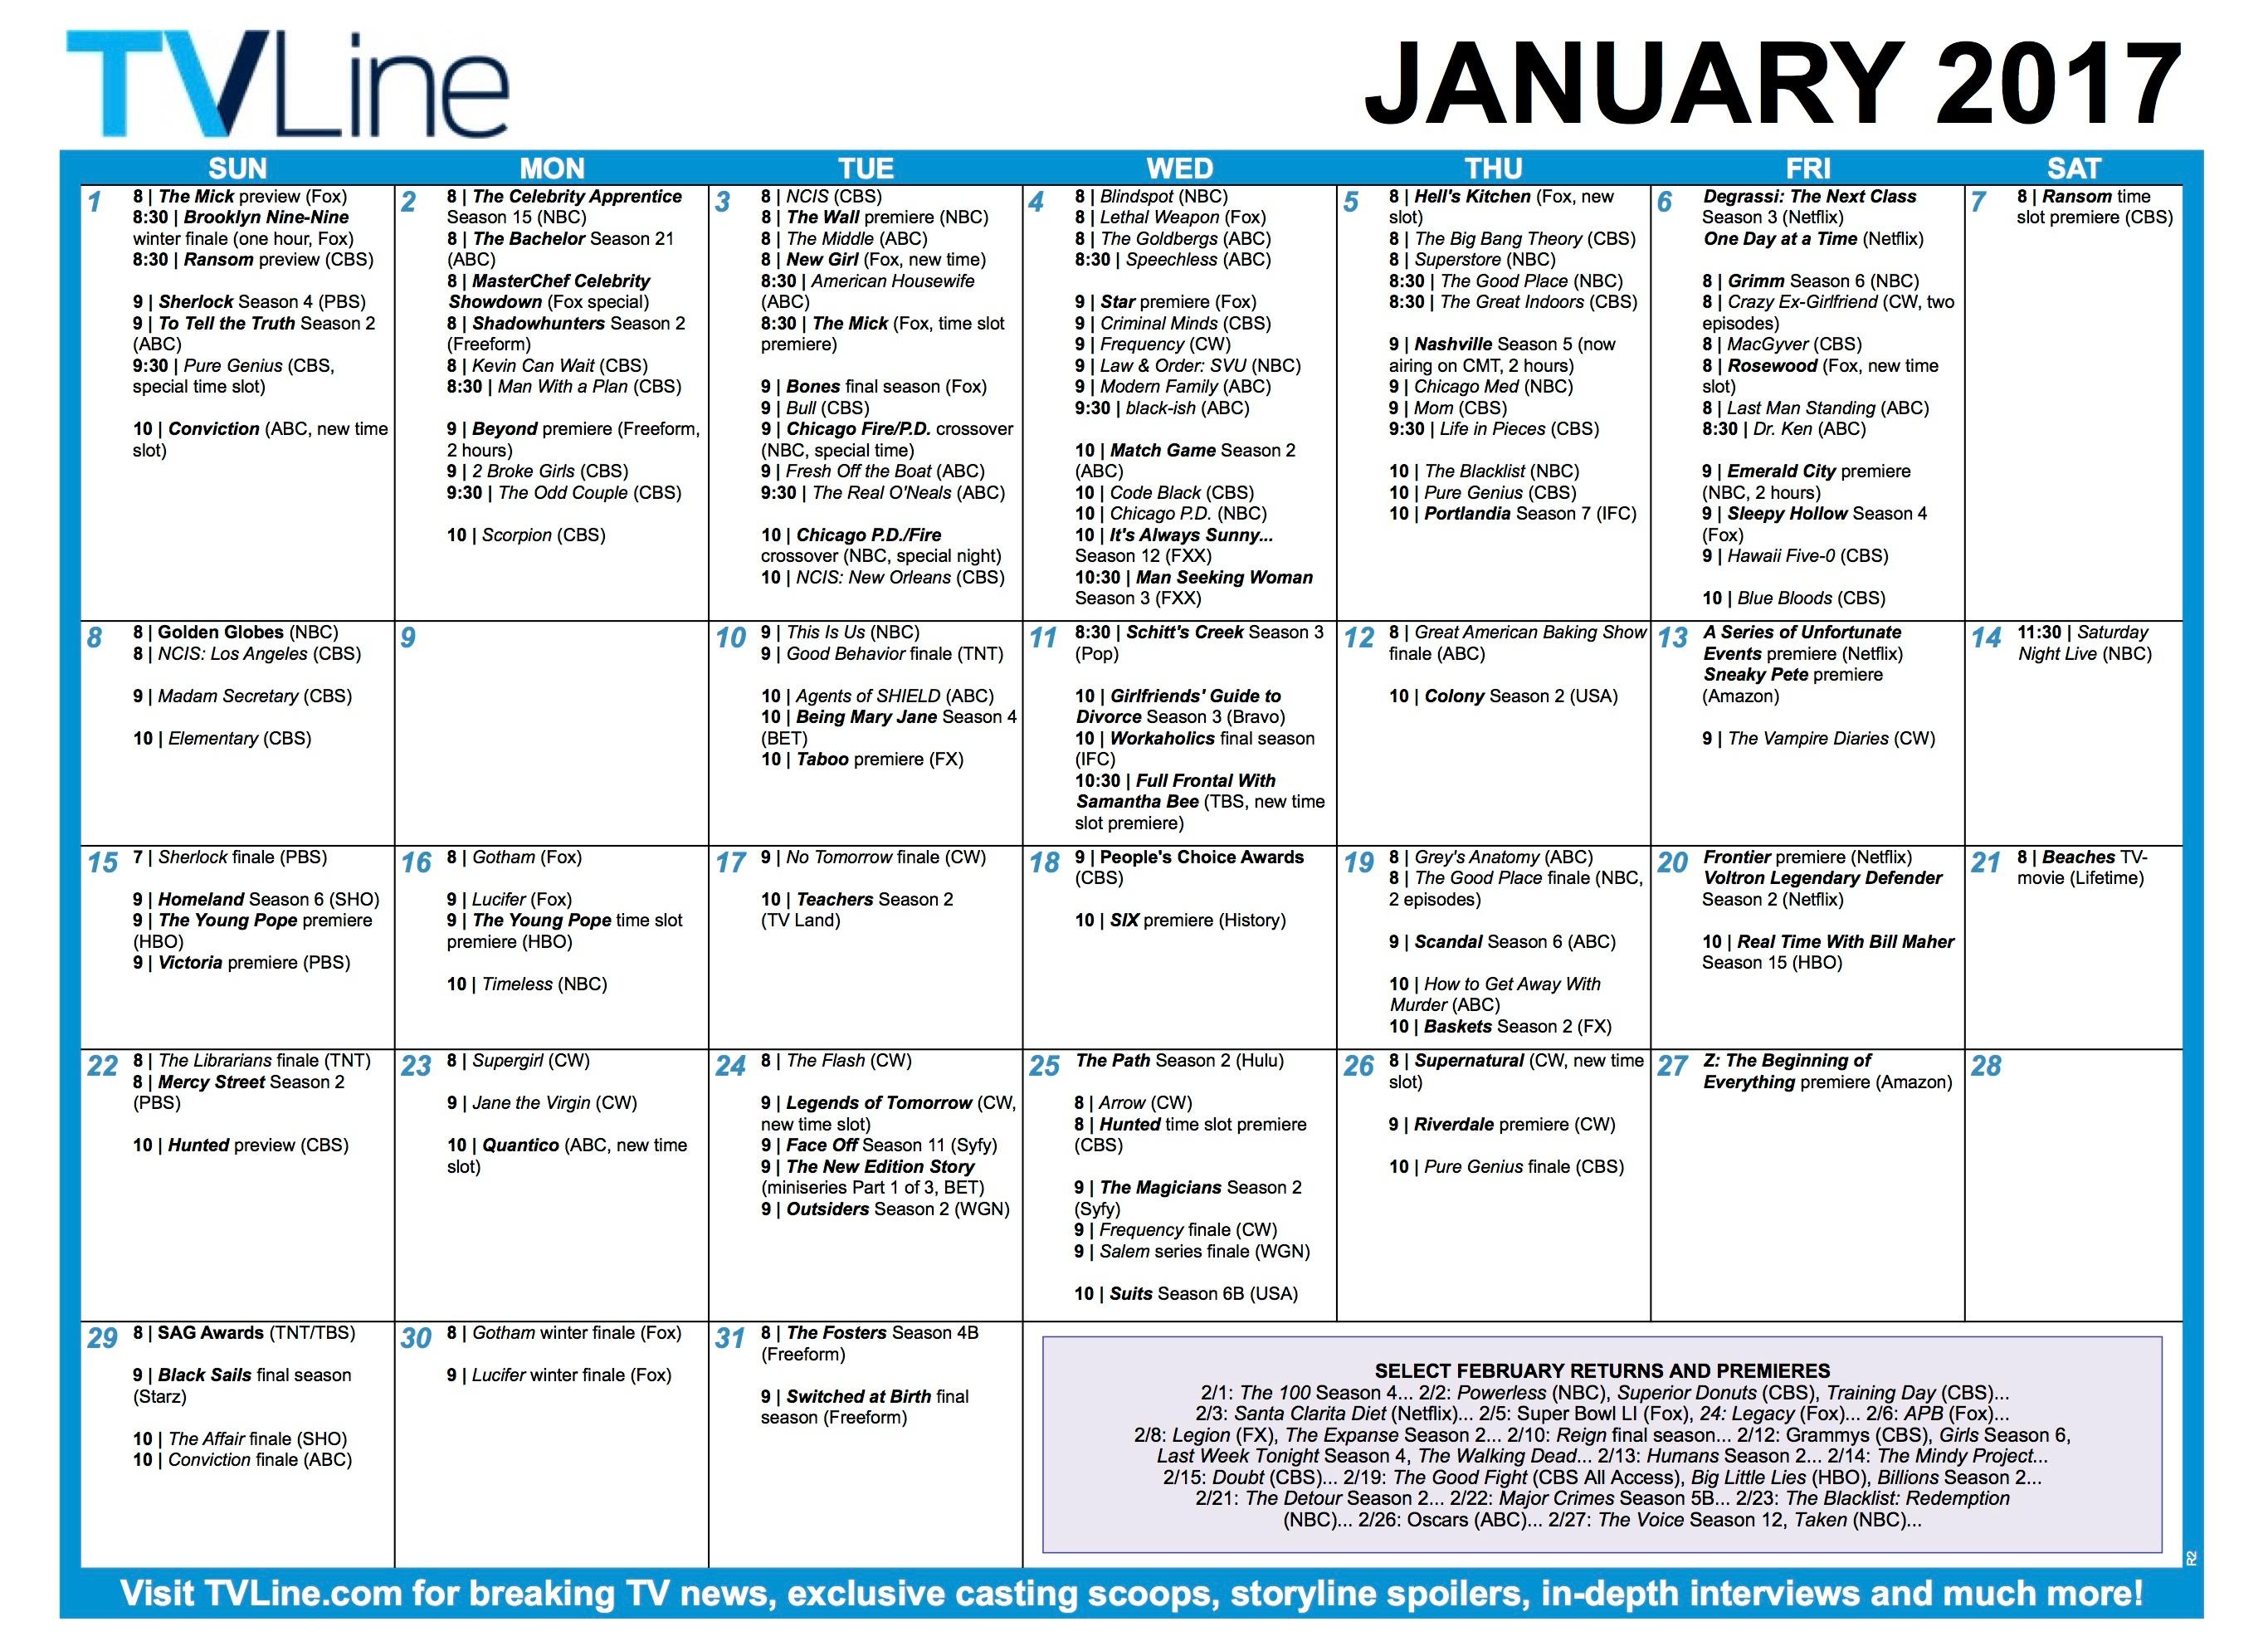 TVLine.com's January TV Show premiere calendar